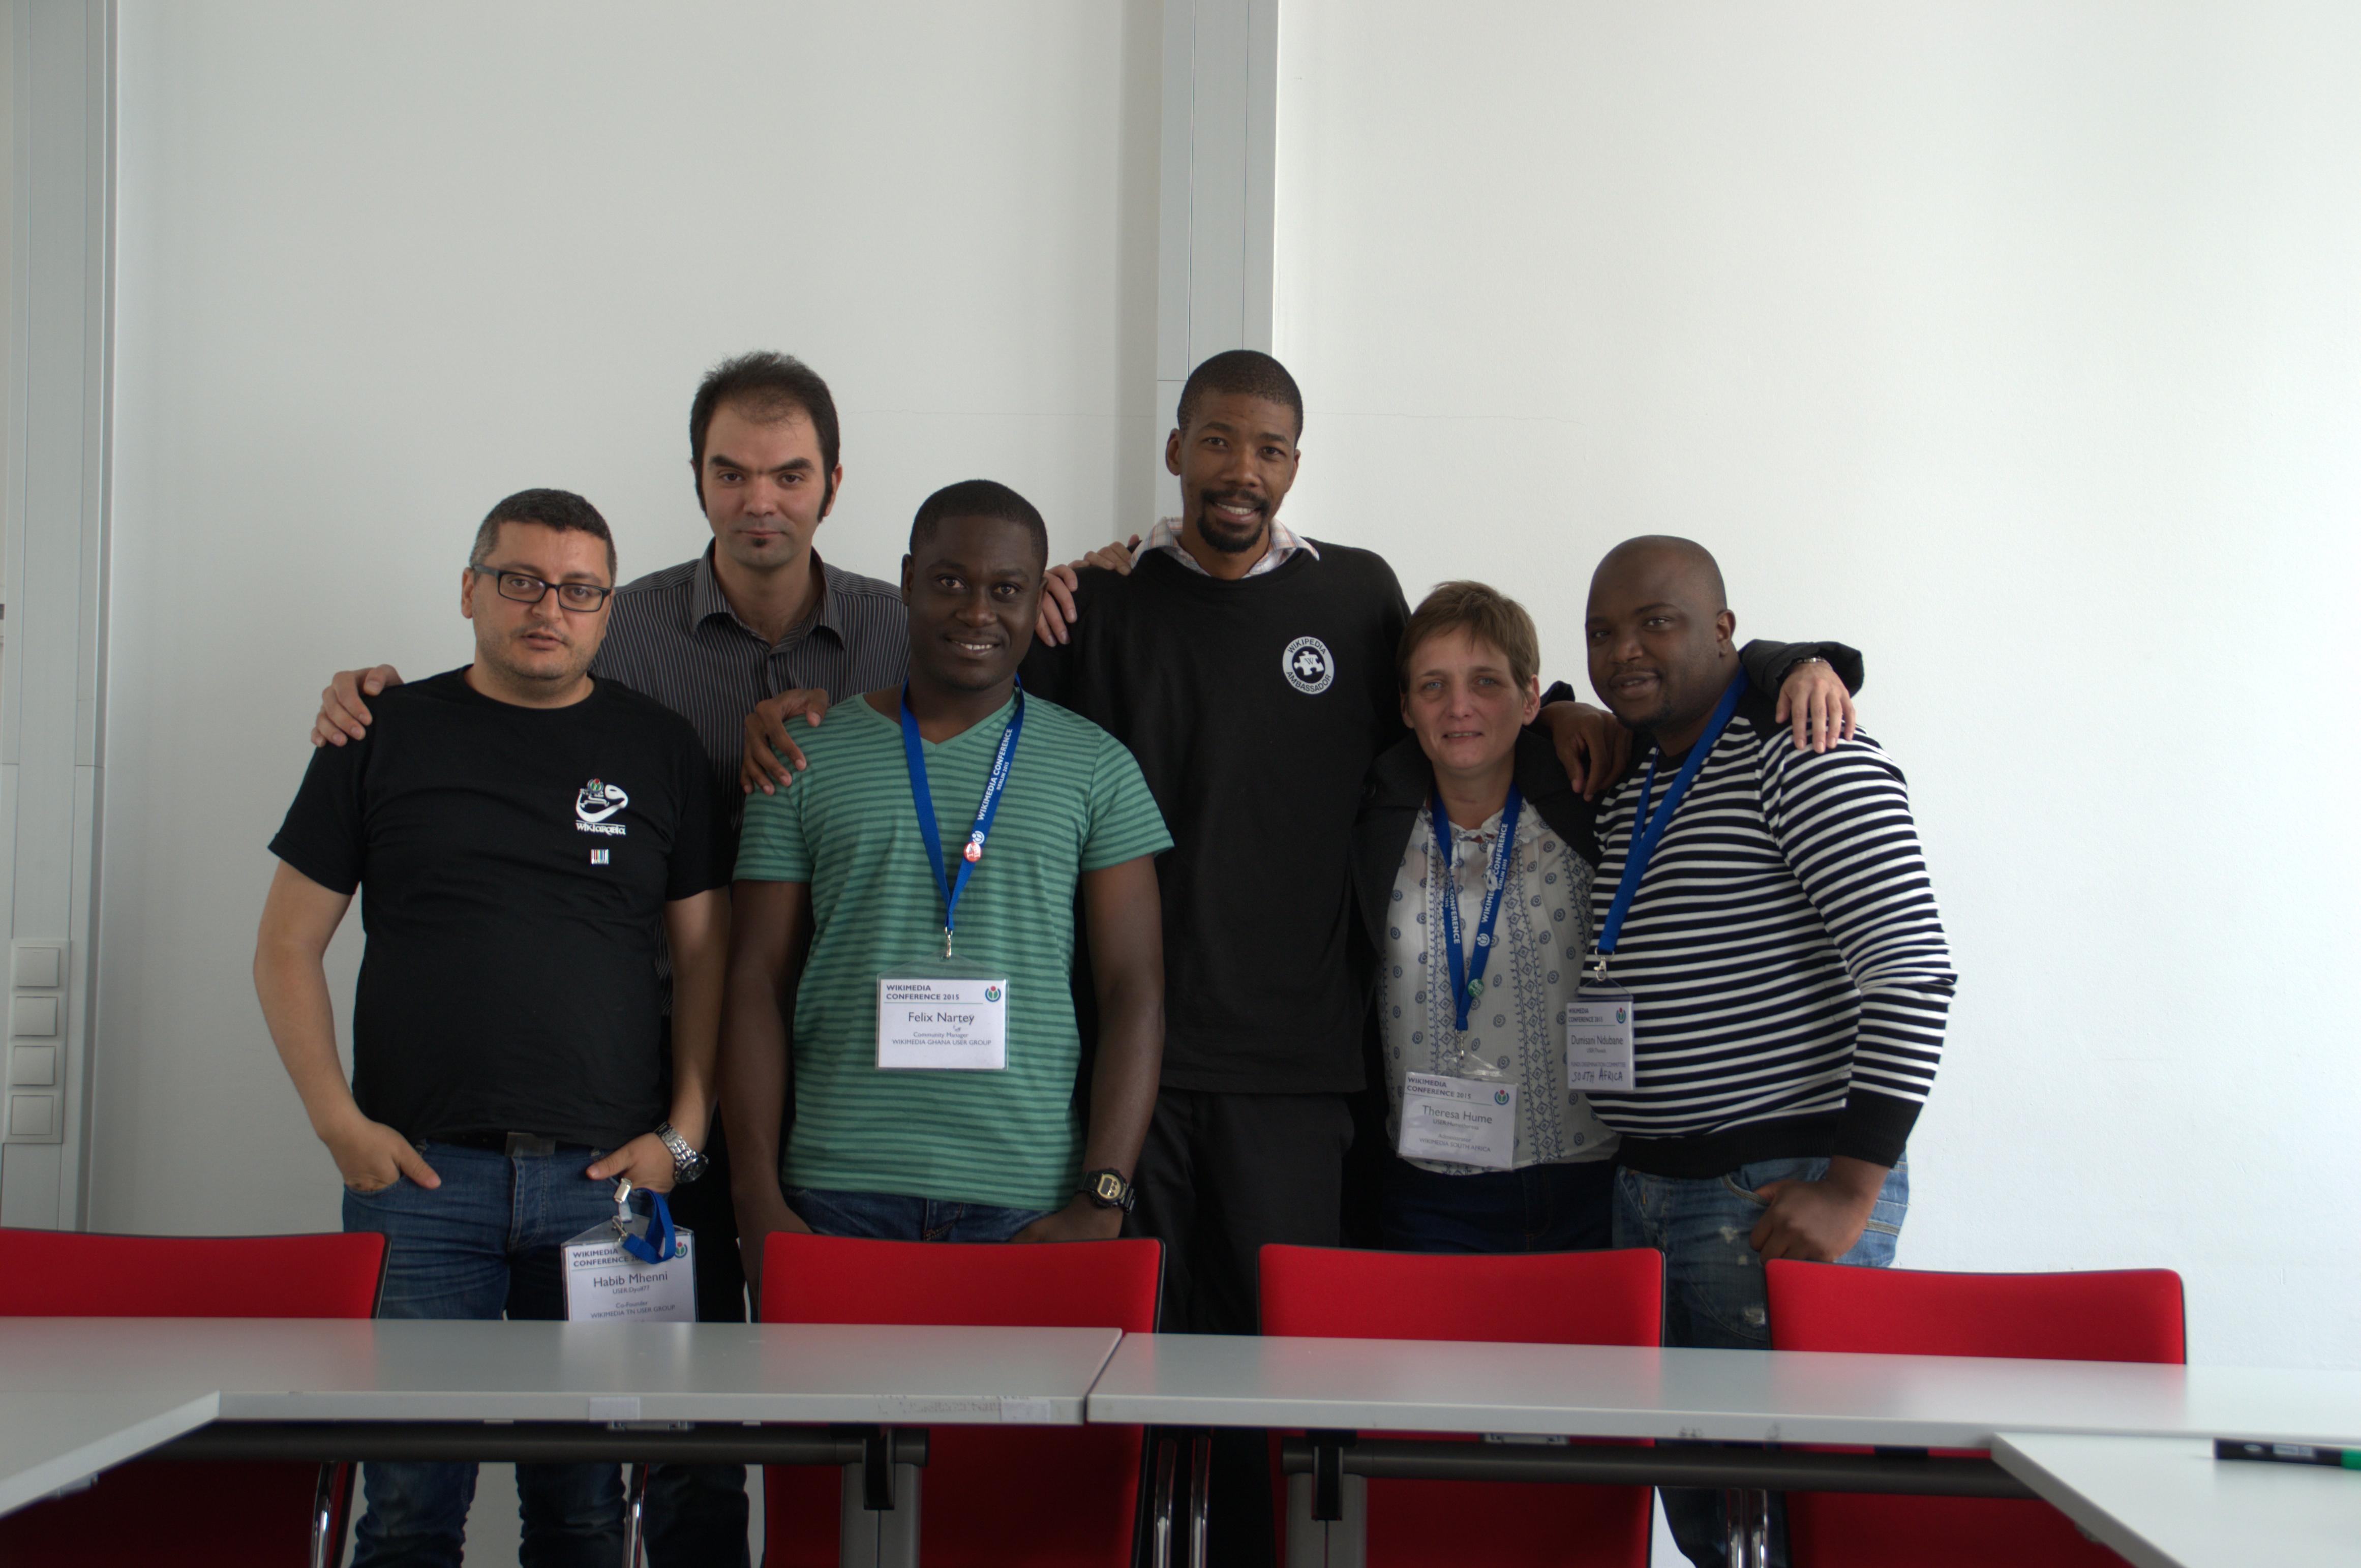 Wikimedia Conference 2015, Berlin DSC 0794.jpg